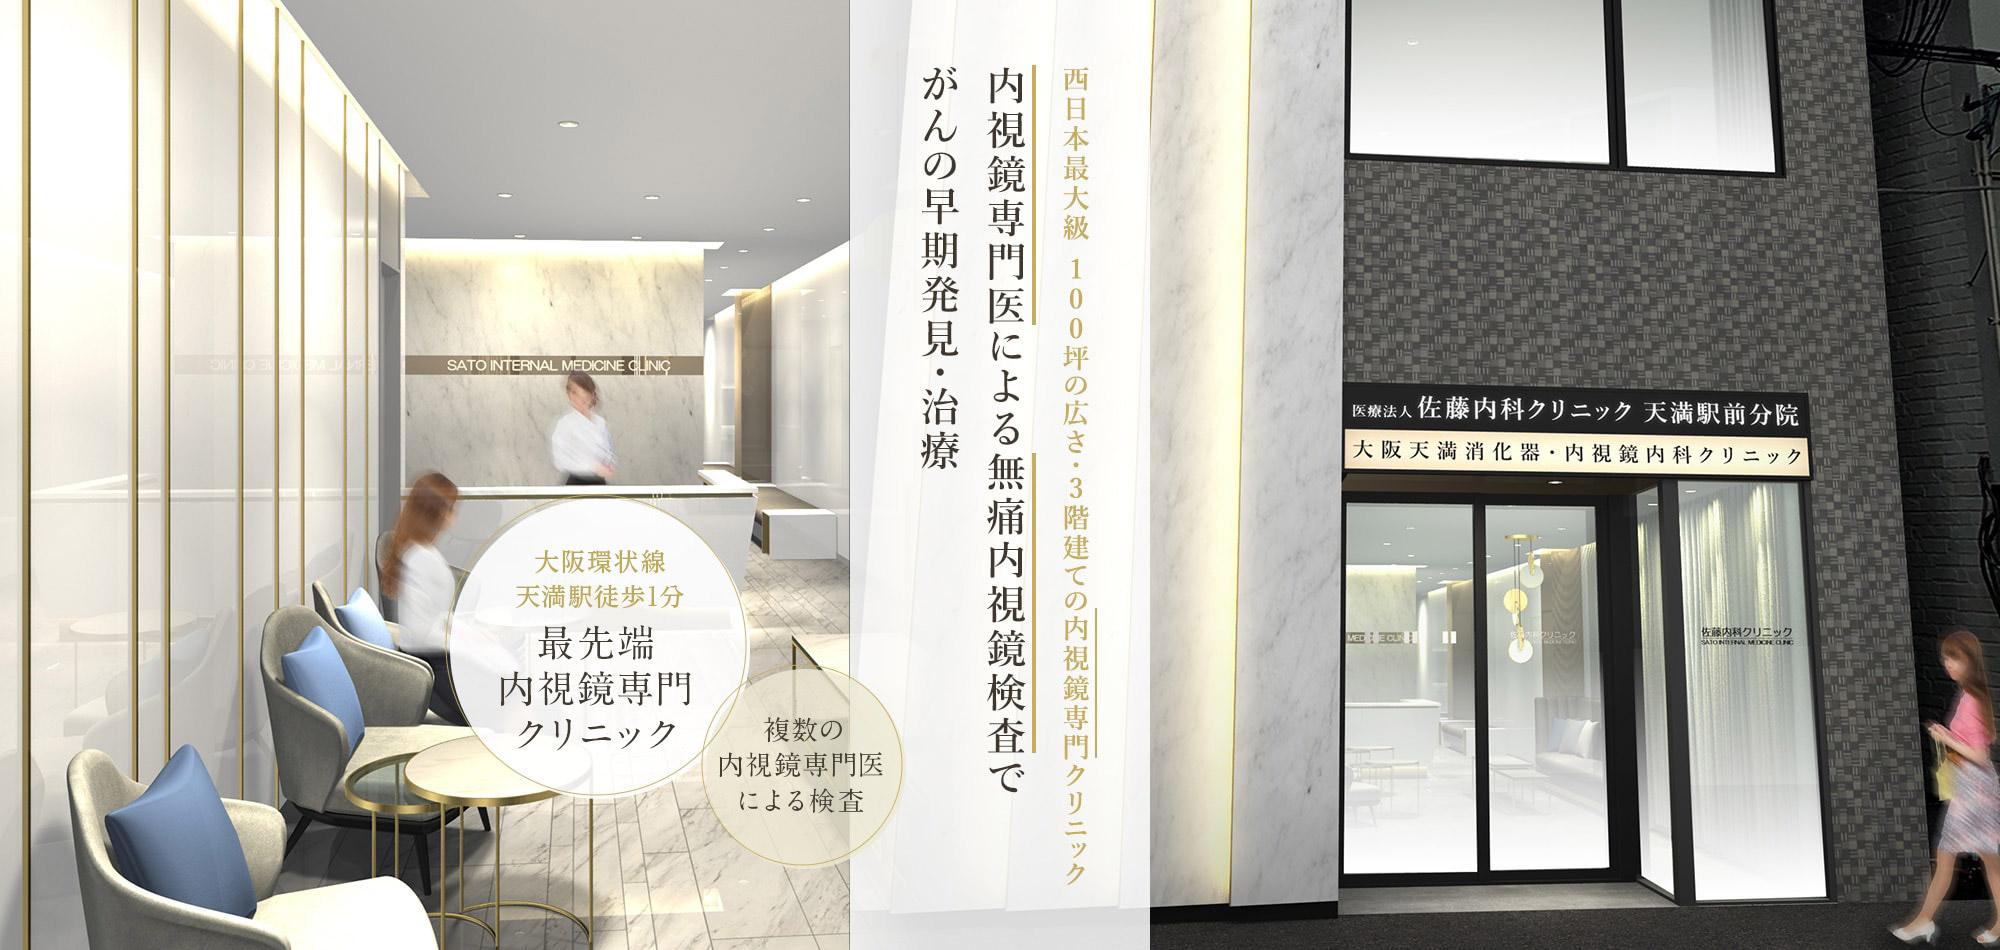 西日本最大級 100坪の広さ・3階建ての内視鏡専門クリニック 内視鏡専門医による無痛内視鏡検査でがんの早期発見・治療